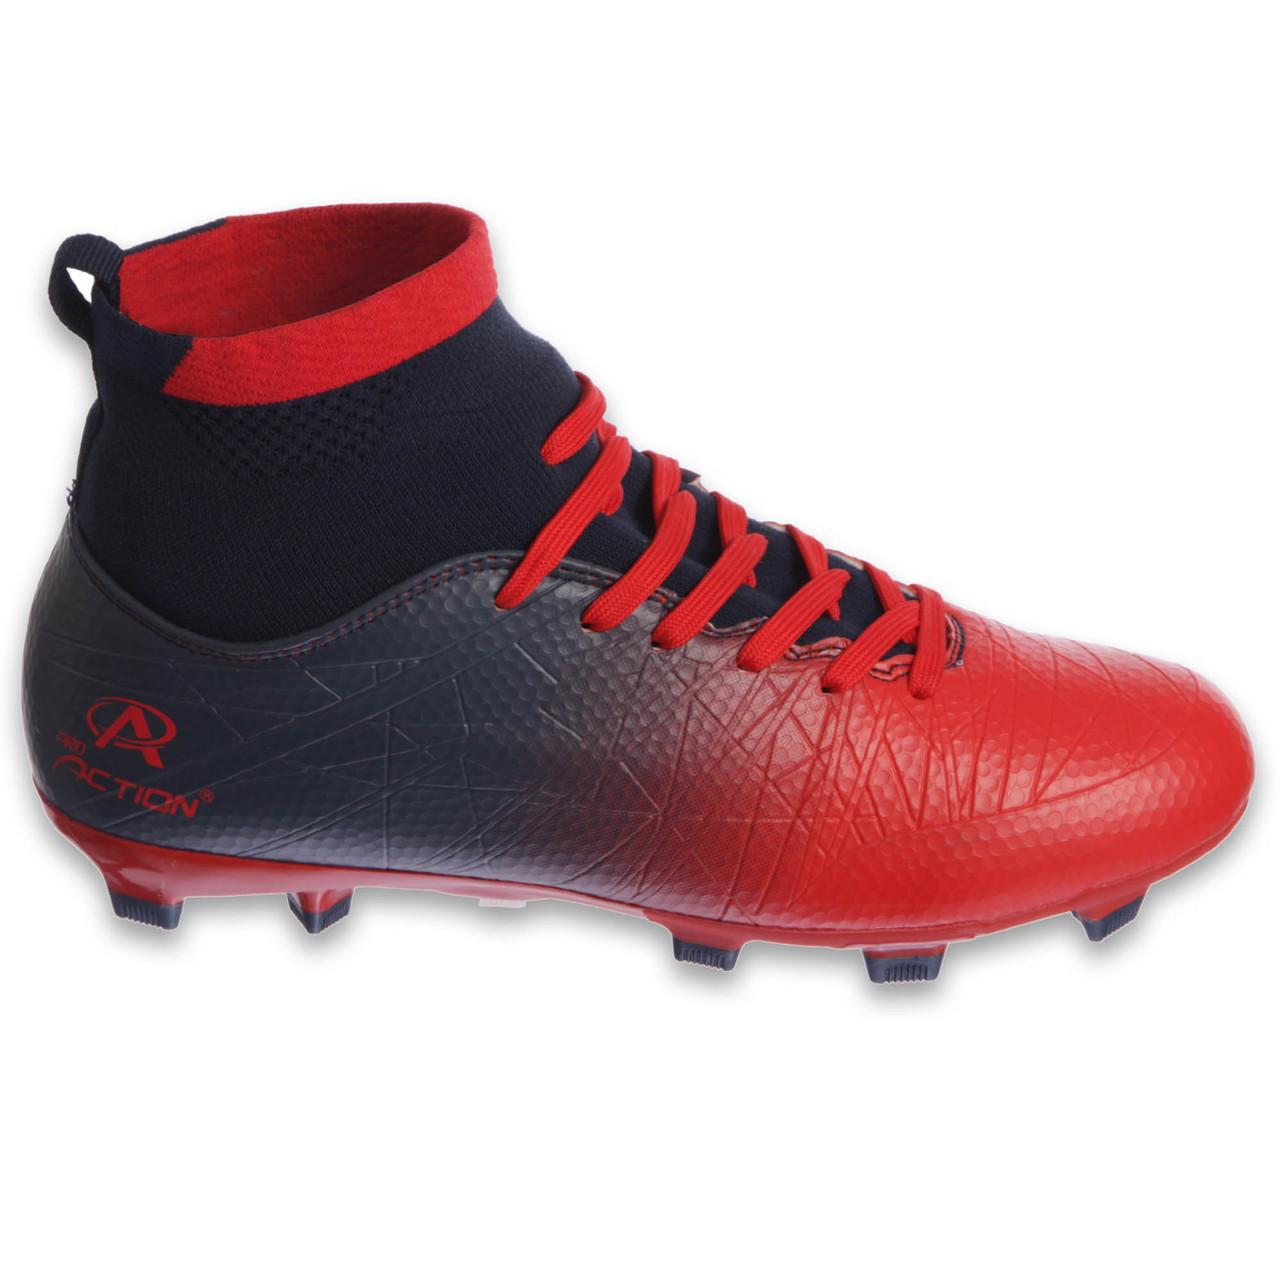 Бутсы футбольная обувь подростковая с носком Pro Action PRO-1000-12B NAVY/RED размер 35-40 (верх-TPU, подошва-RB, темно-синий-красный)